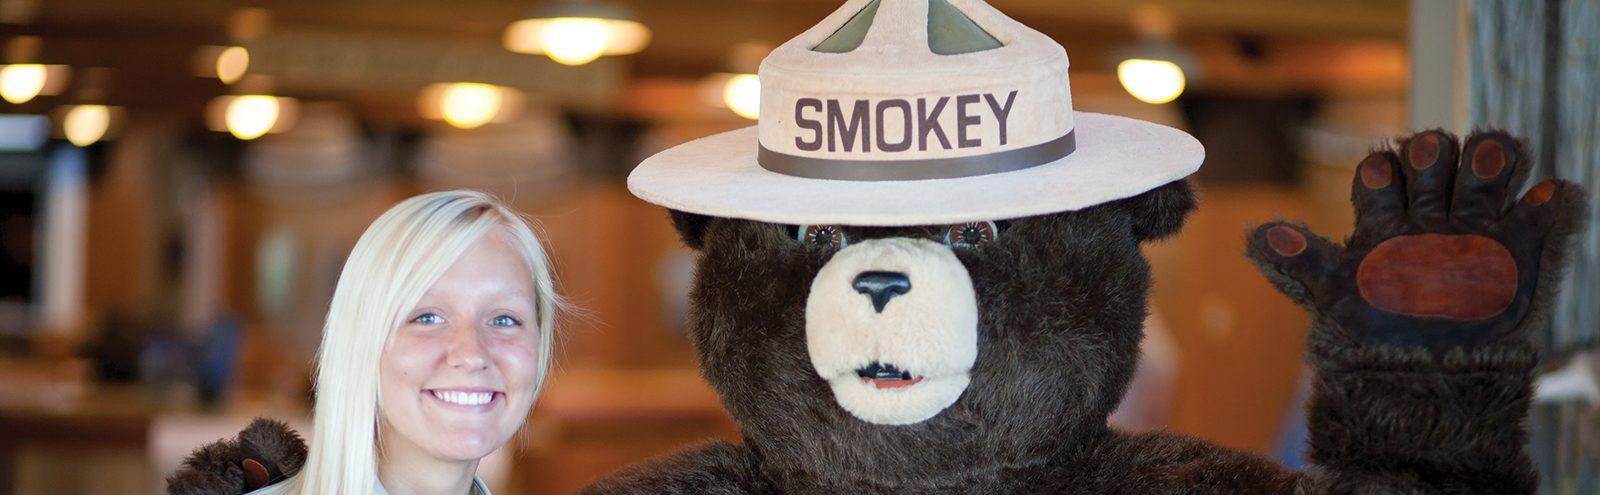 girl posing with Smokey the Bear